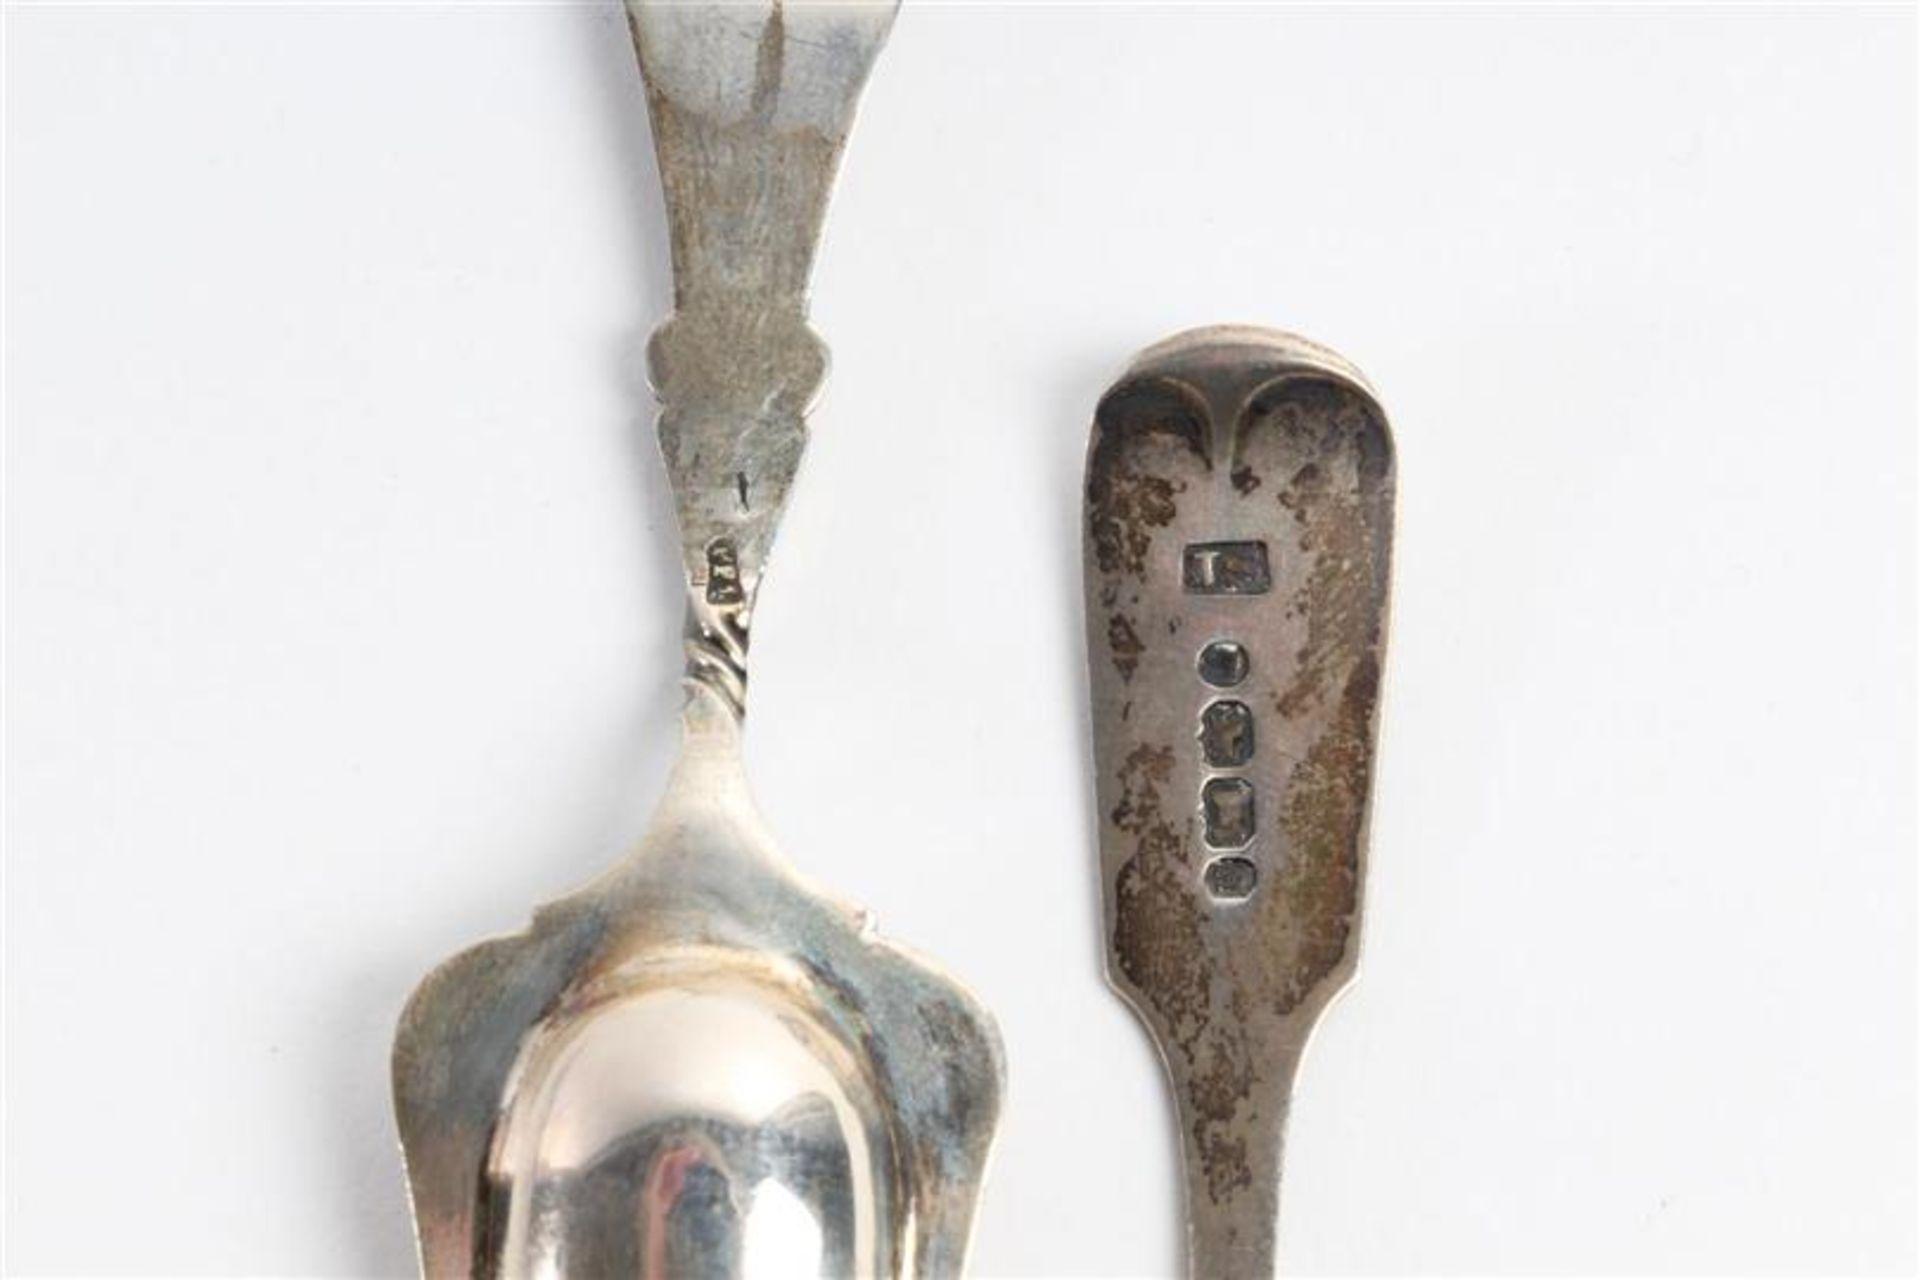 Los 53 - Vier zilveren lepels, suikerschepje, mosterdschepje en een potloodhouder. Gewicht: 74 g.